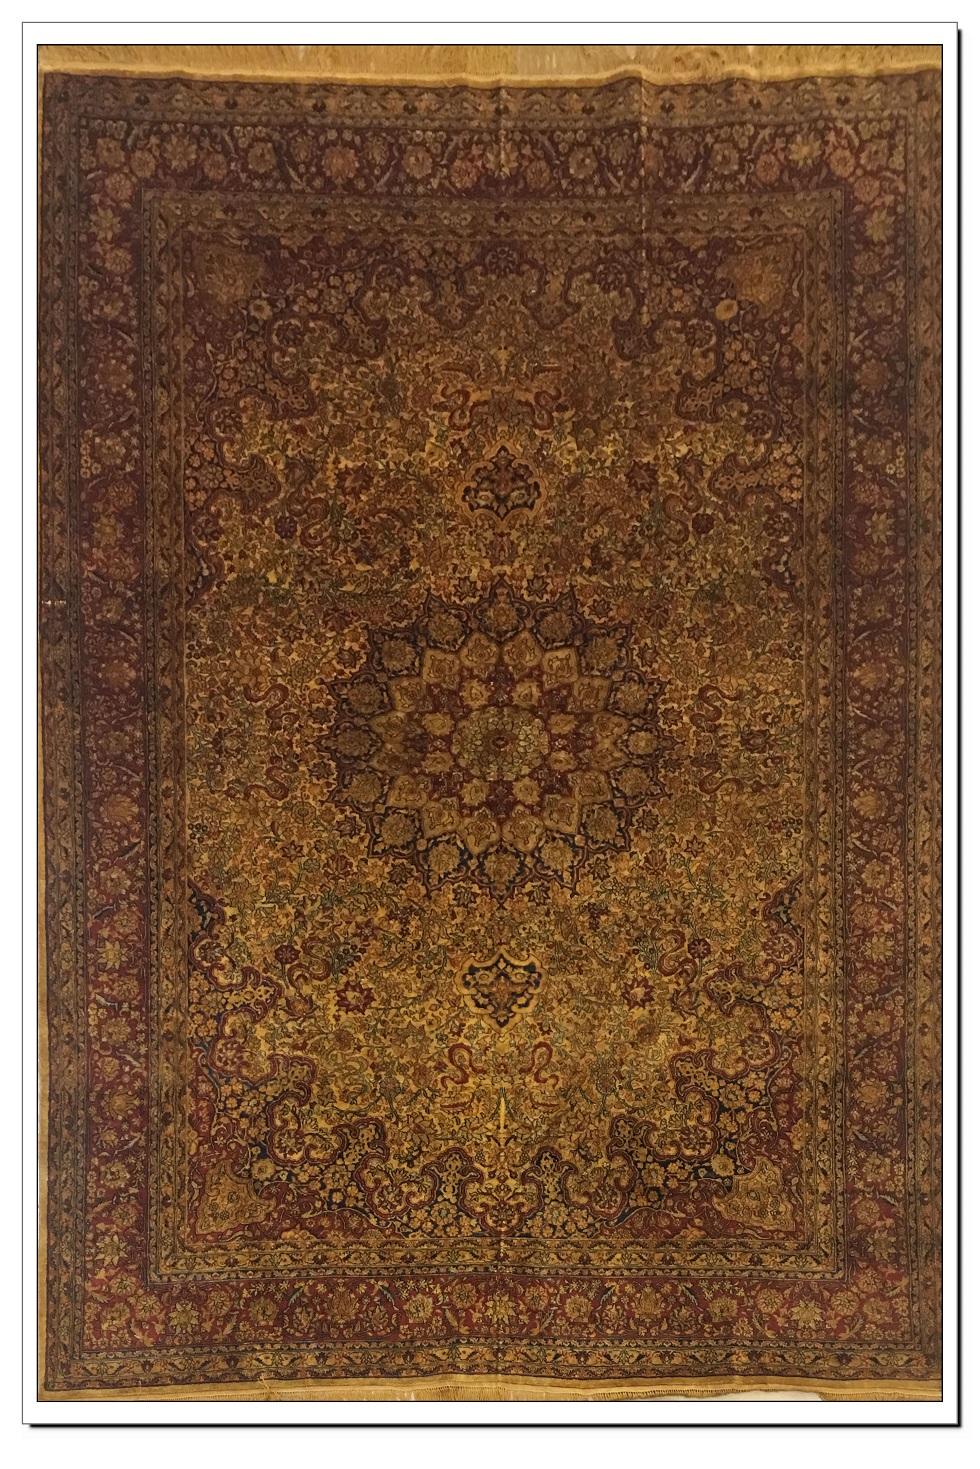 真丝地毯300道x300111